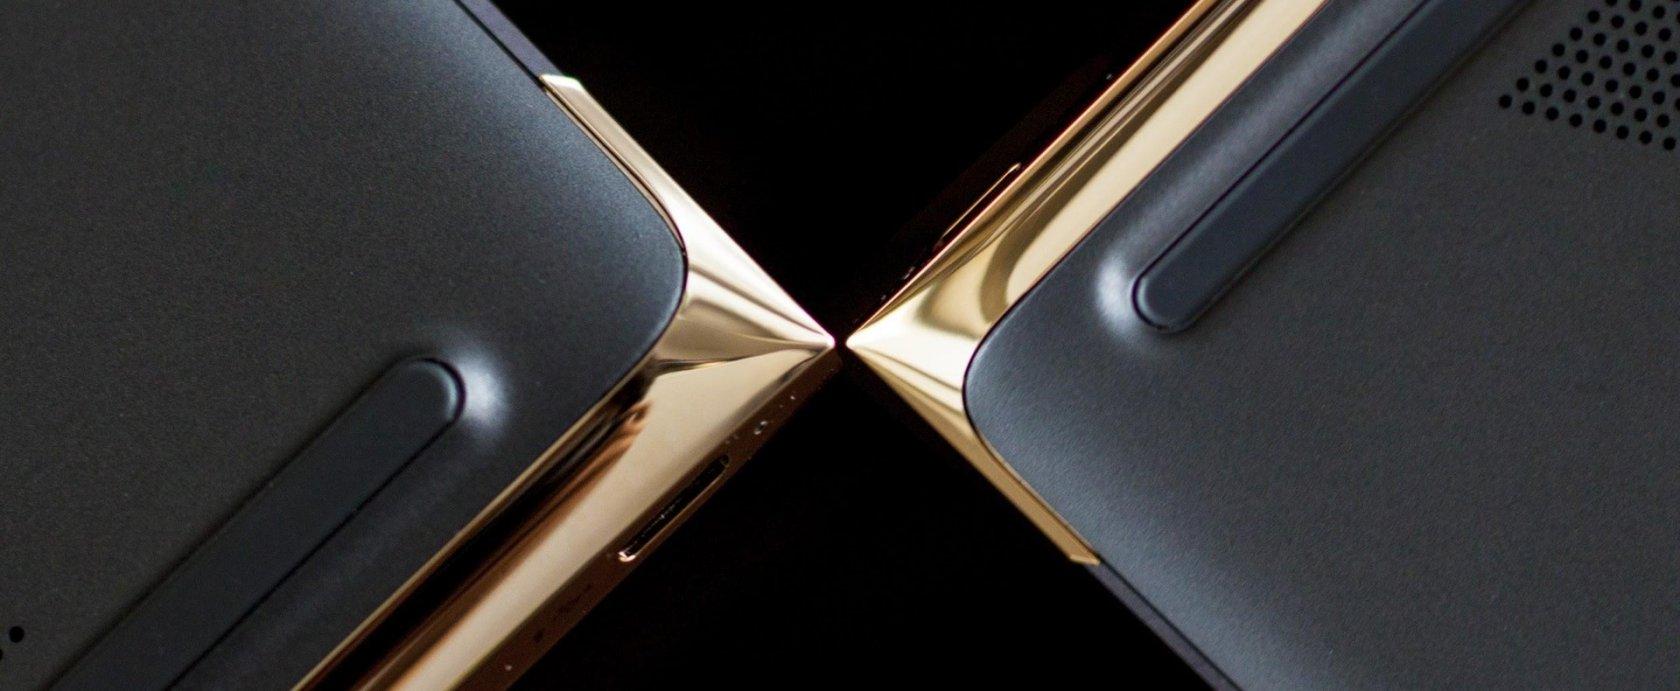 Технологии и дизайн в одном устройстве. Ноутбук HP Spectre 13 - 2